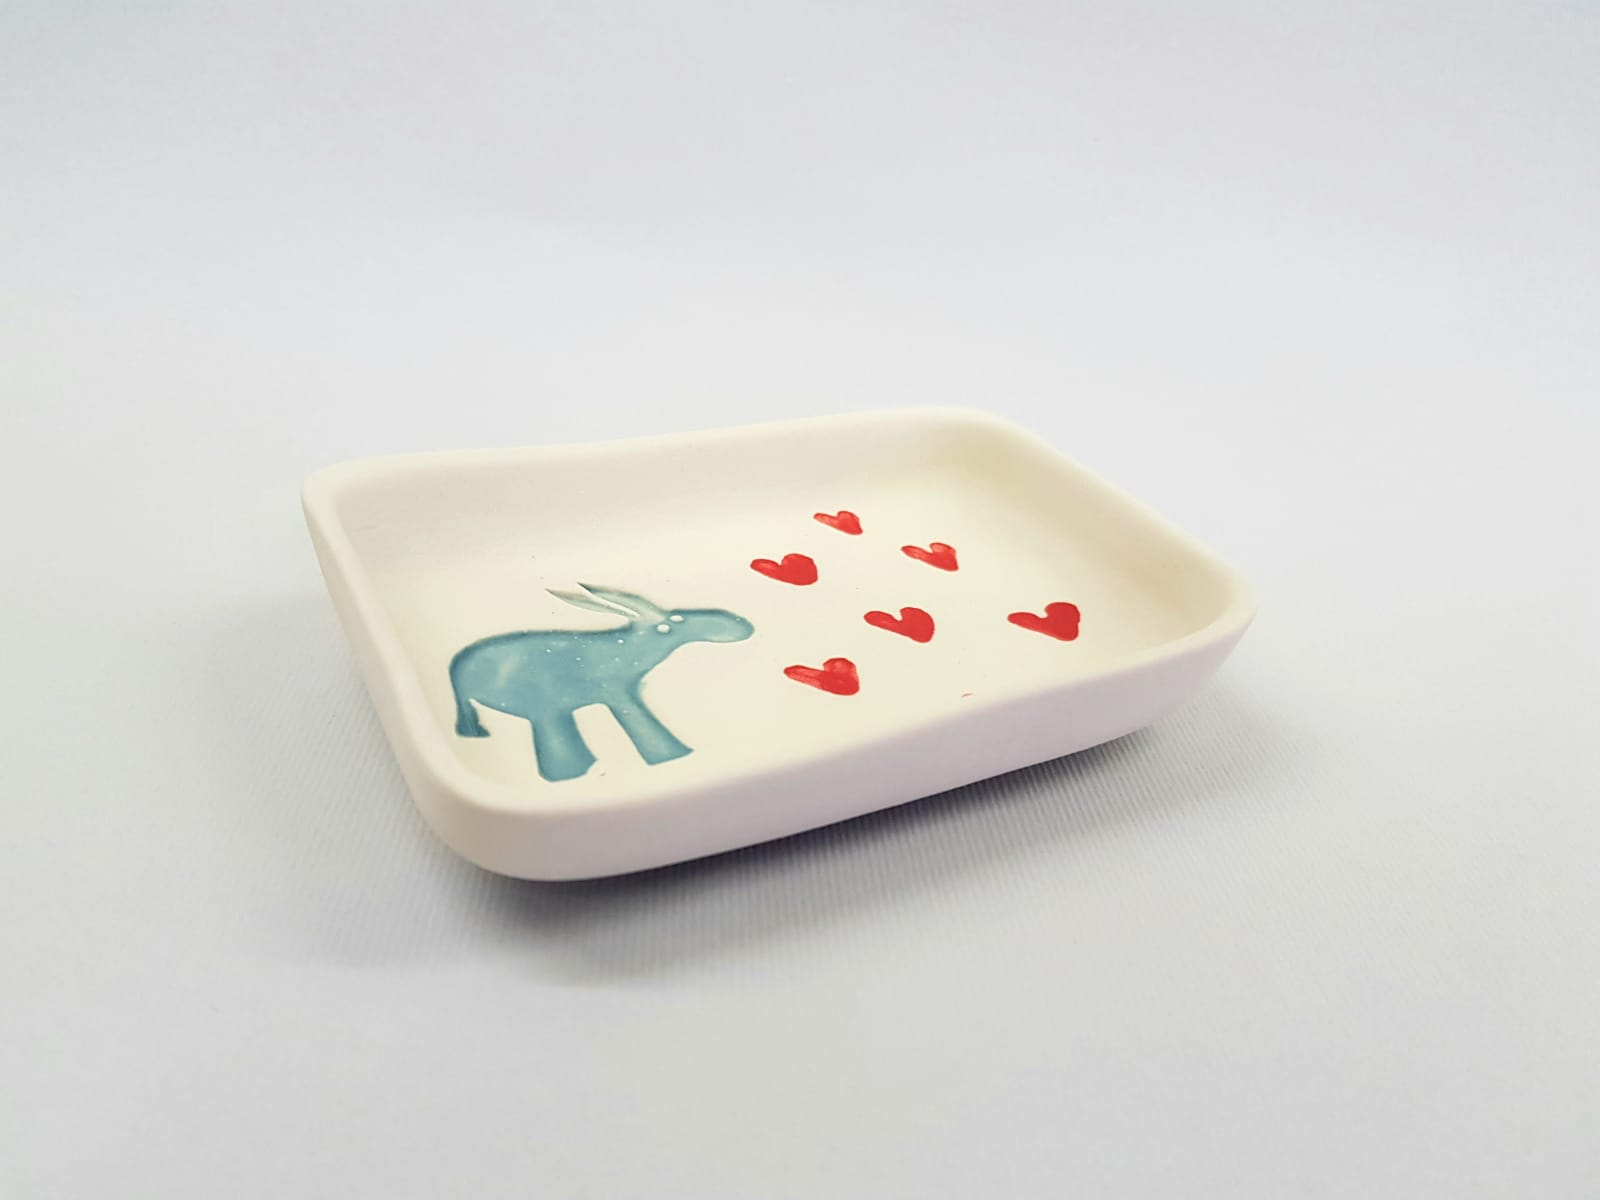 Portasapone in ceramica realizzato a mano per Il Rifugio degli asinelli. Decorazione a stampiglio con asinello e cuori